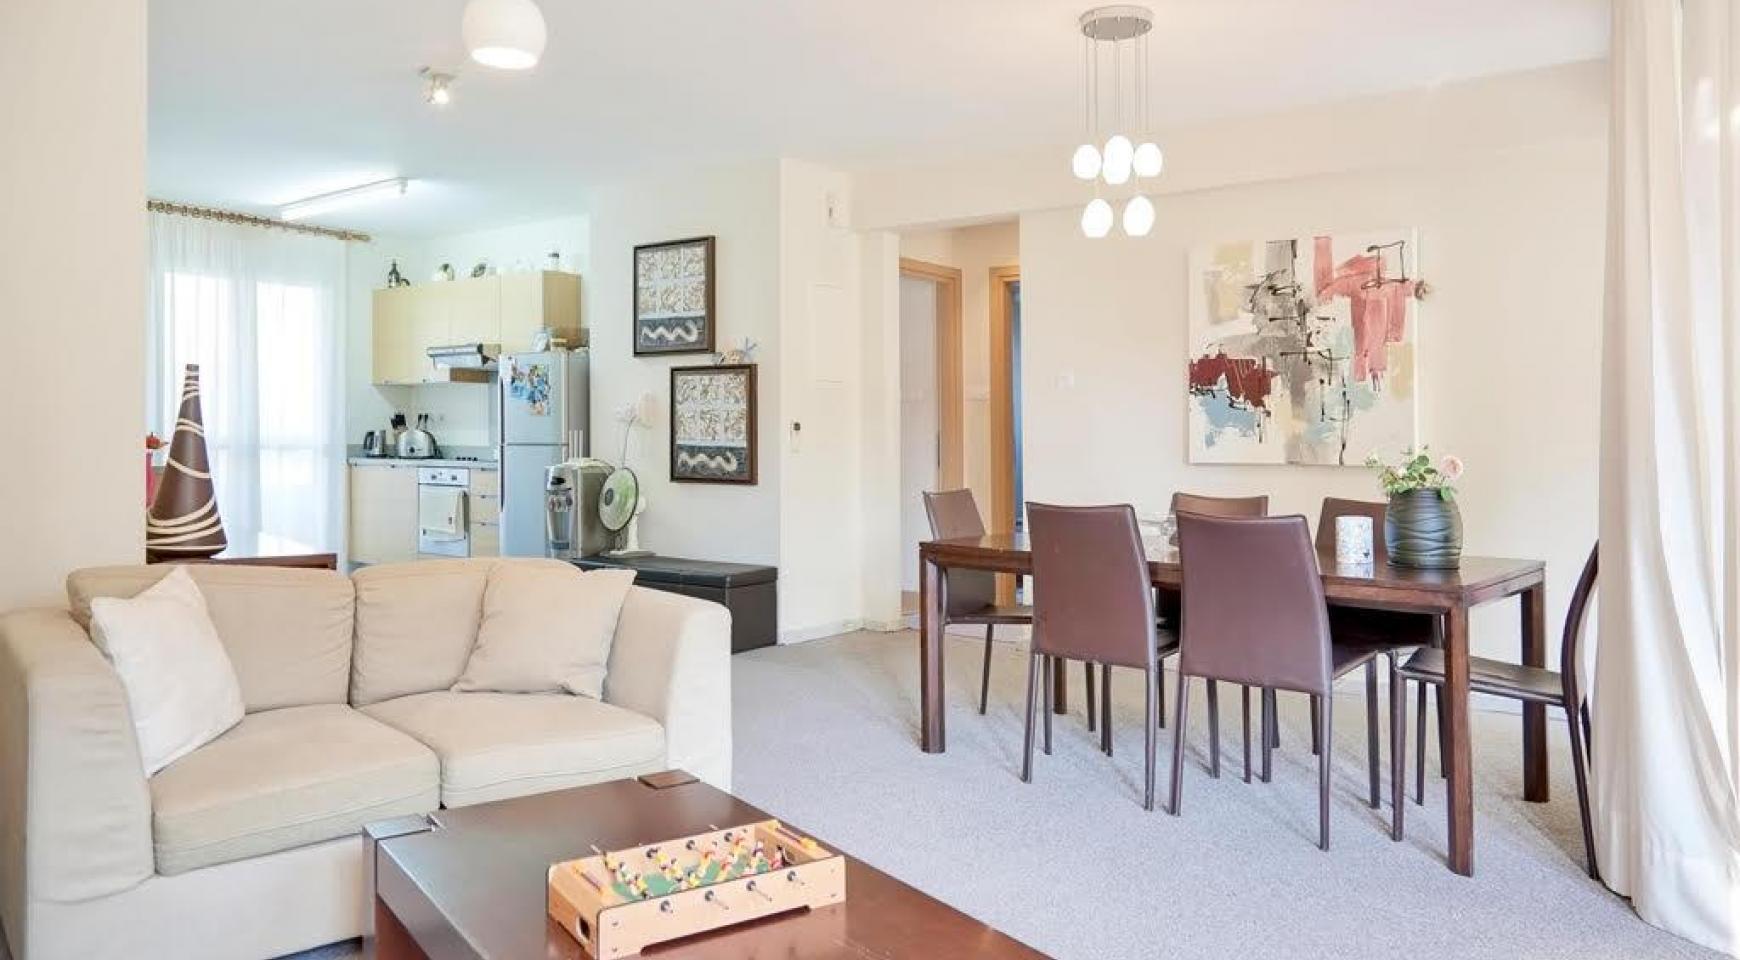 Luxury 2 Bedroom Apartment Amathusa F 104 near the Beach - 6